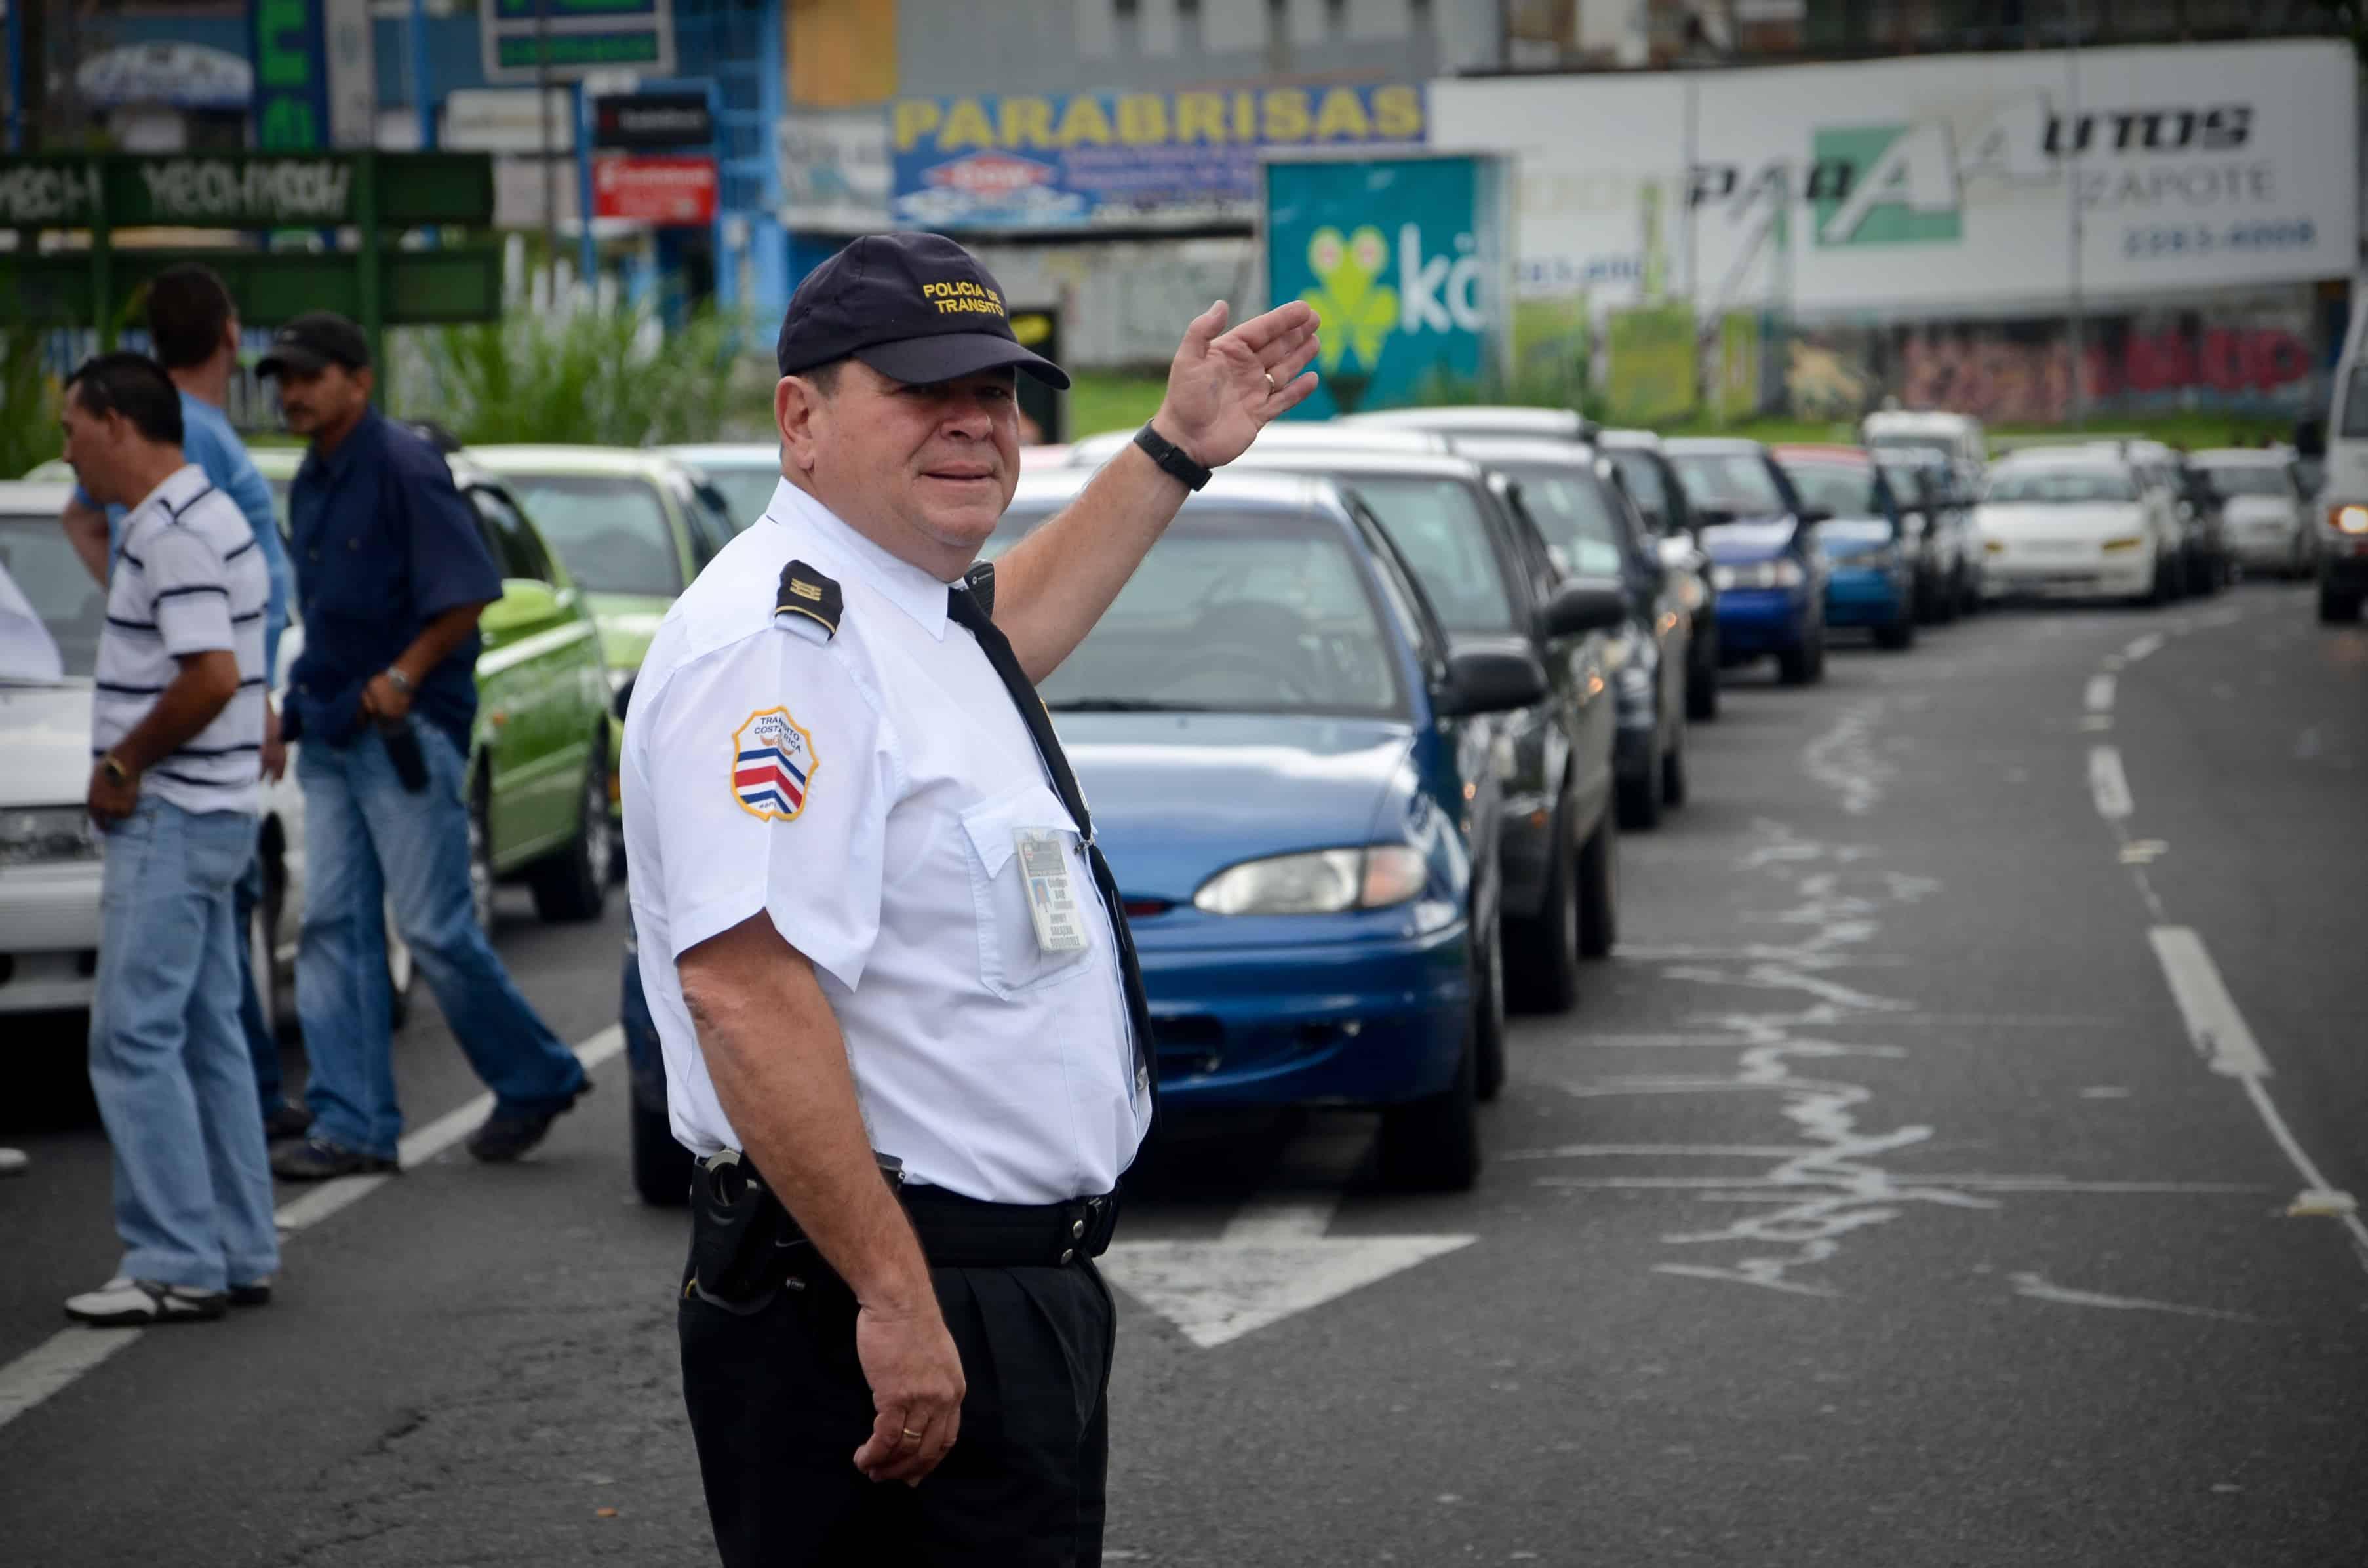 Costa Rican police leadership denies targeting Uber